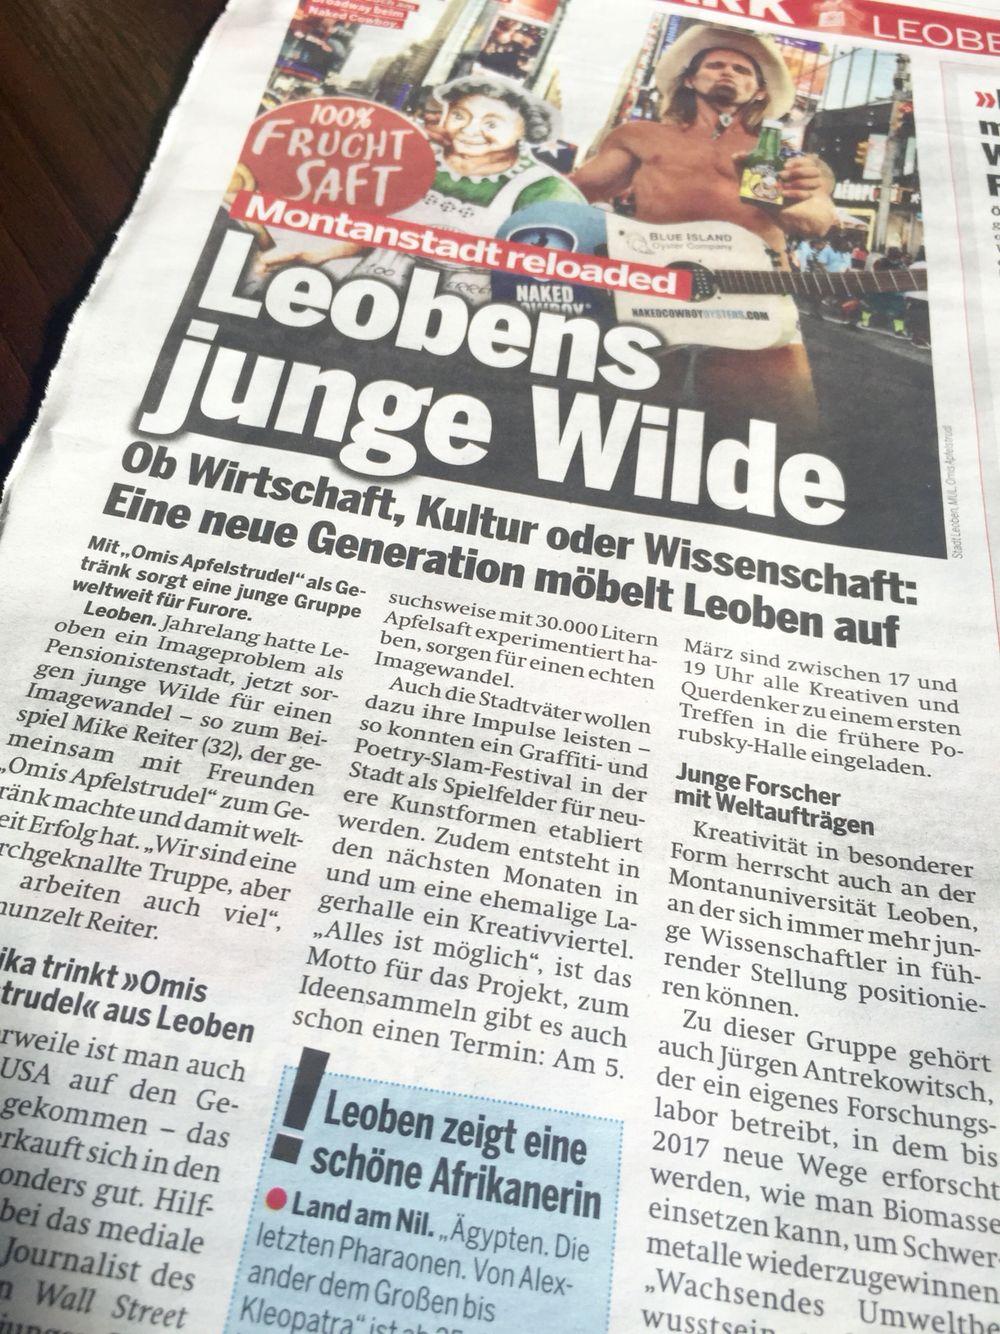 österreicher Tageszeitung